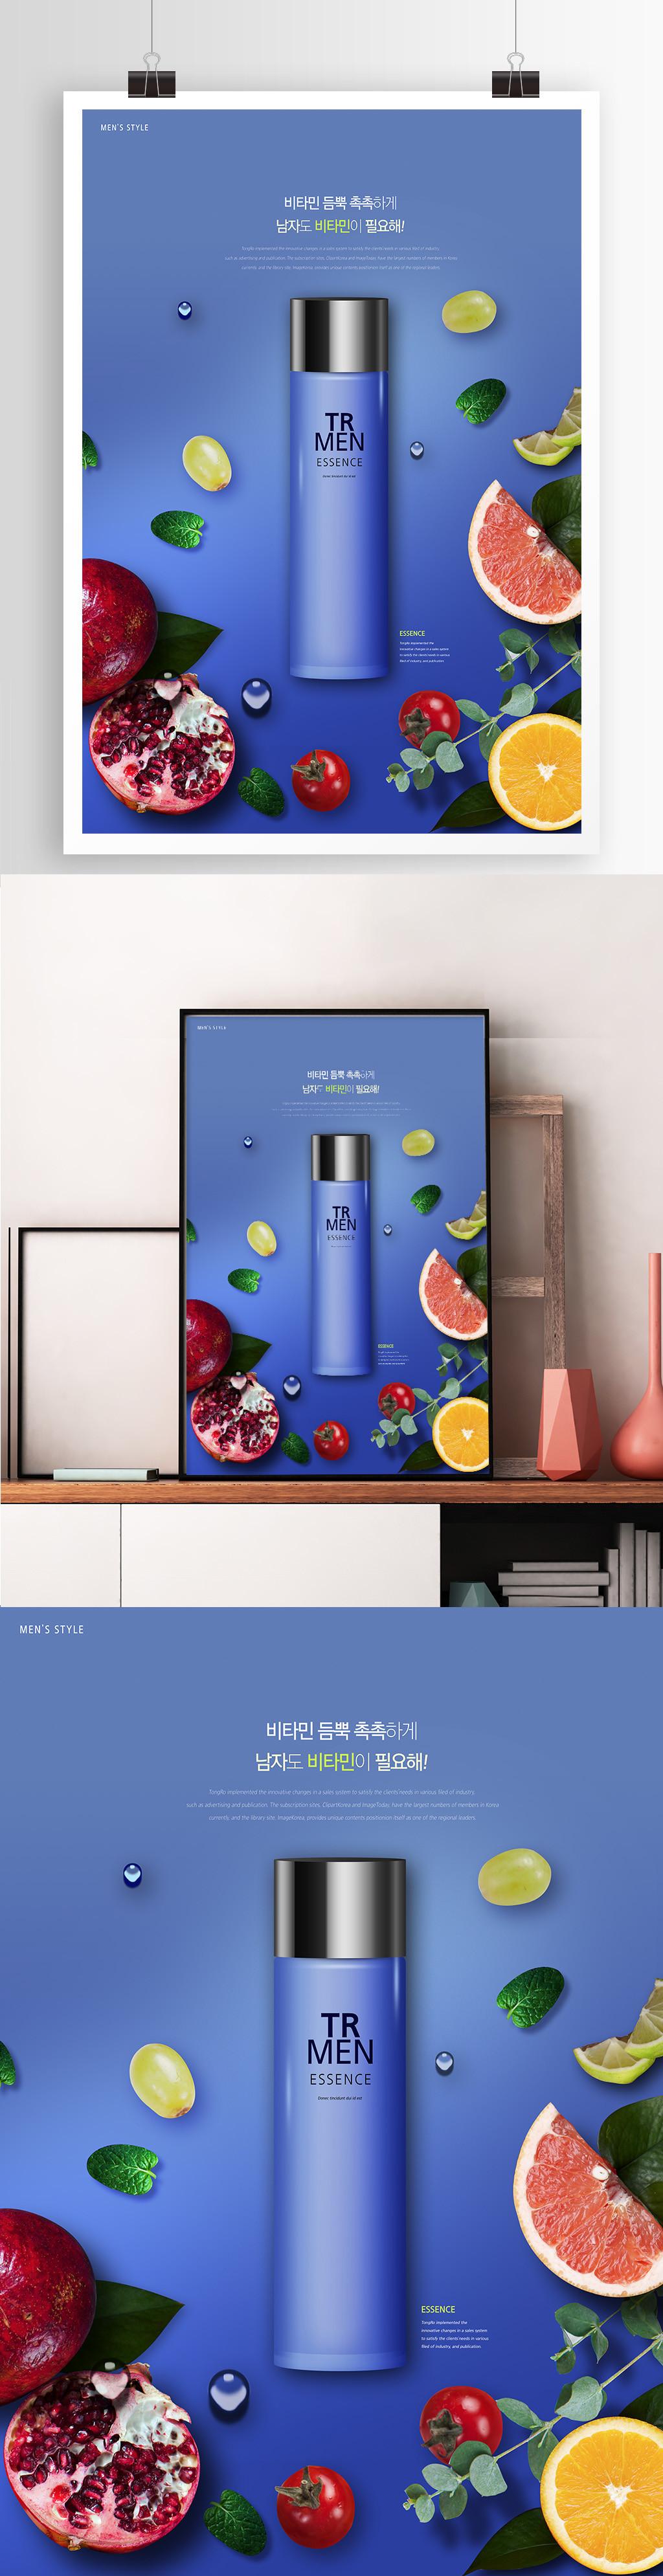 蓝色高端水果化妆品促销海报psd